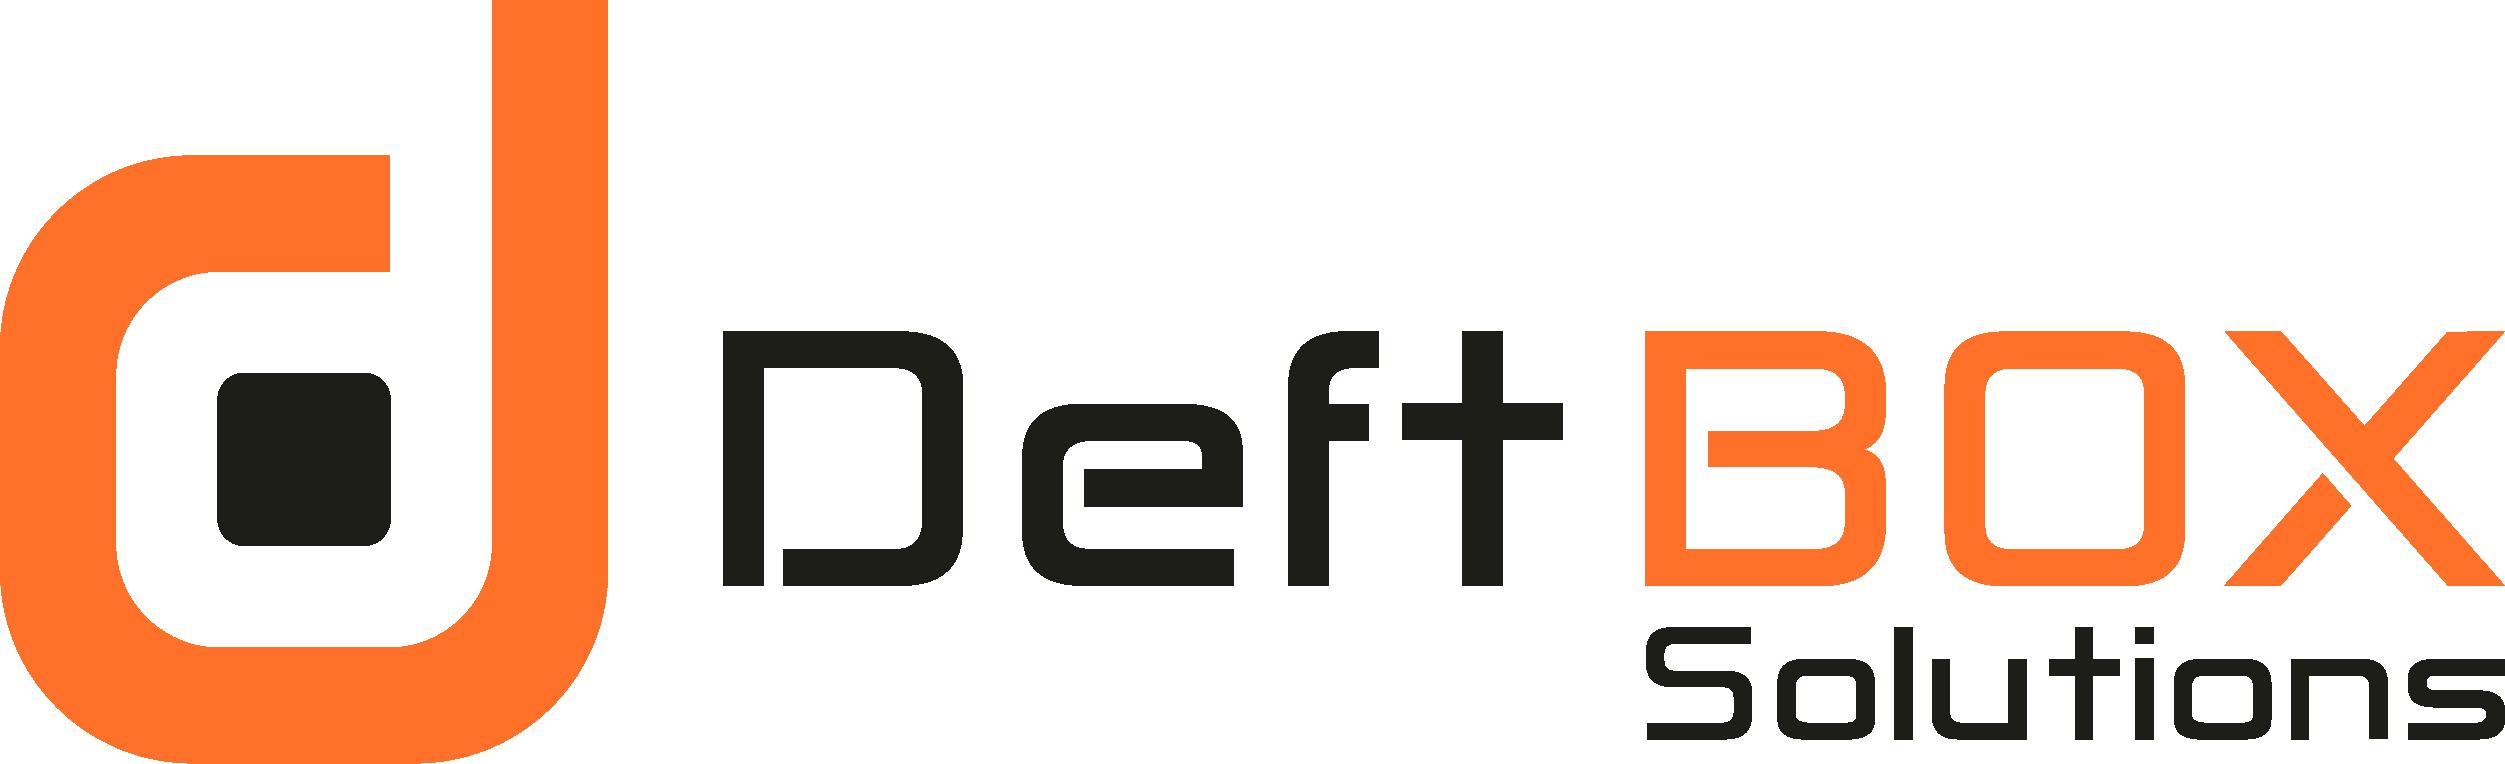 Partner DeftBOX Solutions